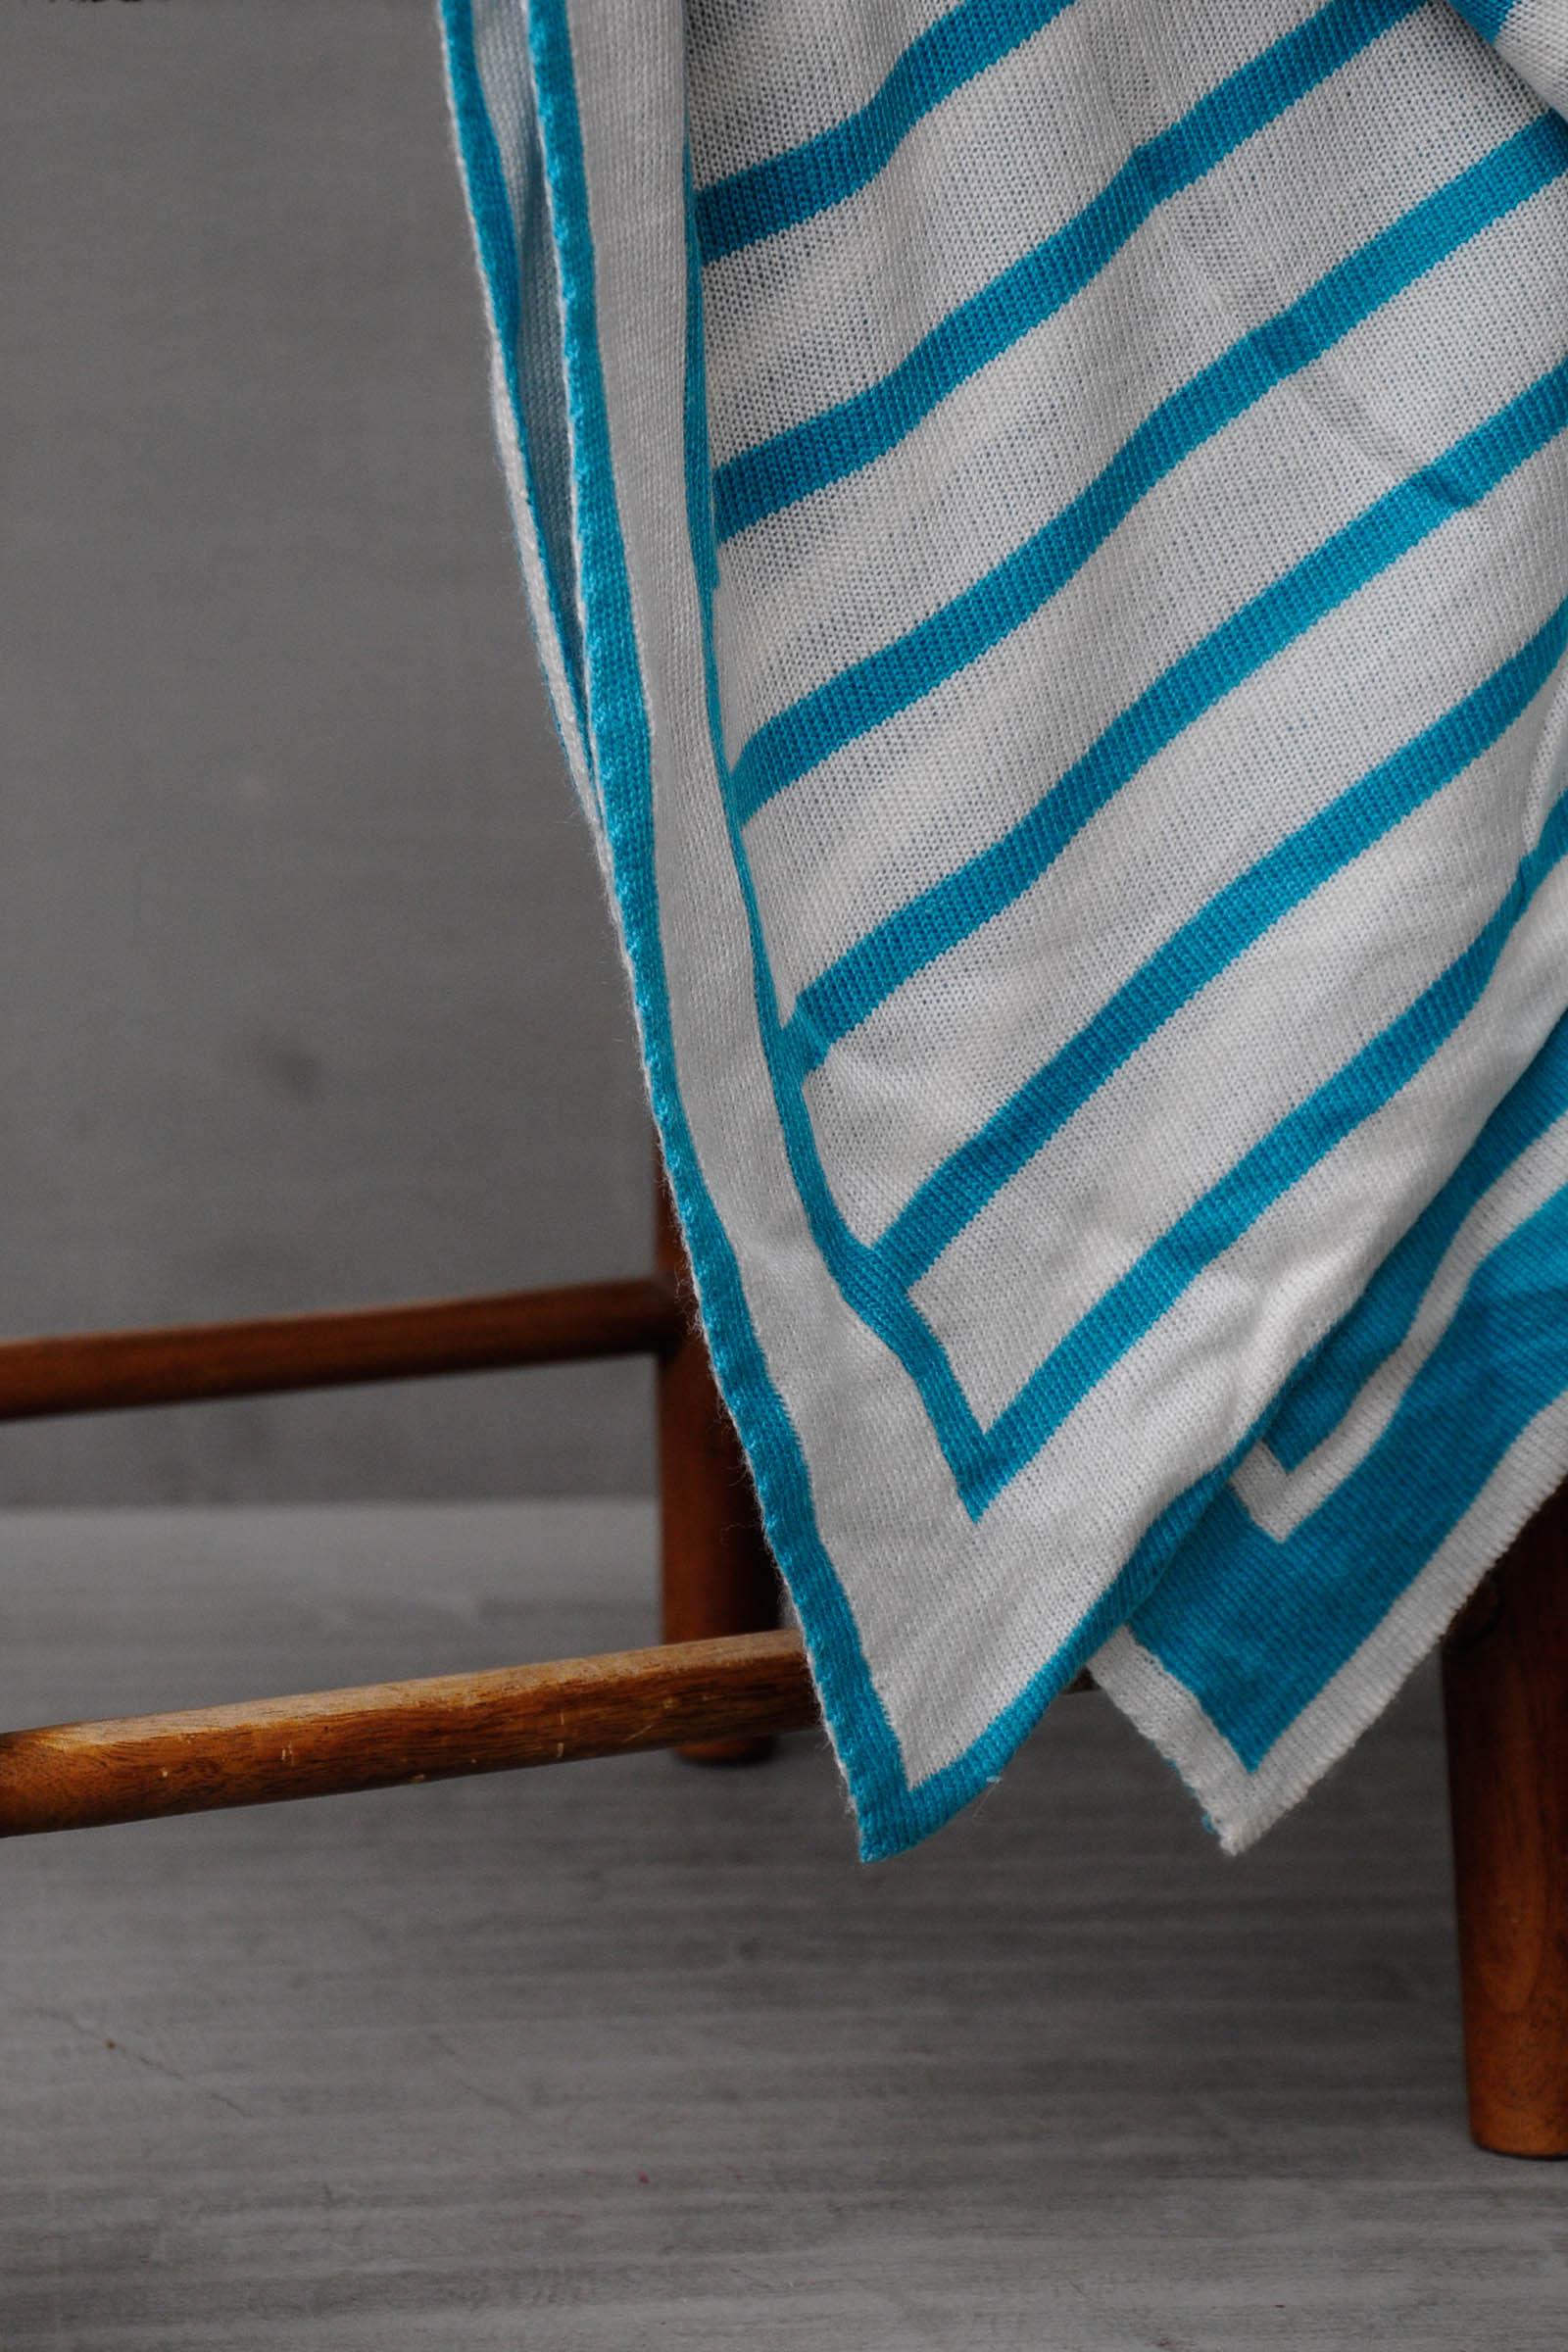 Woven Blue Blanket